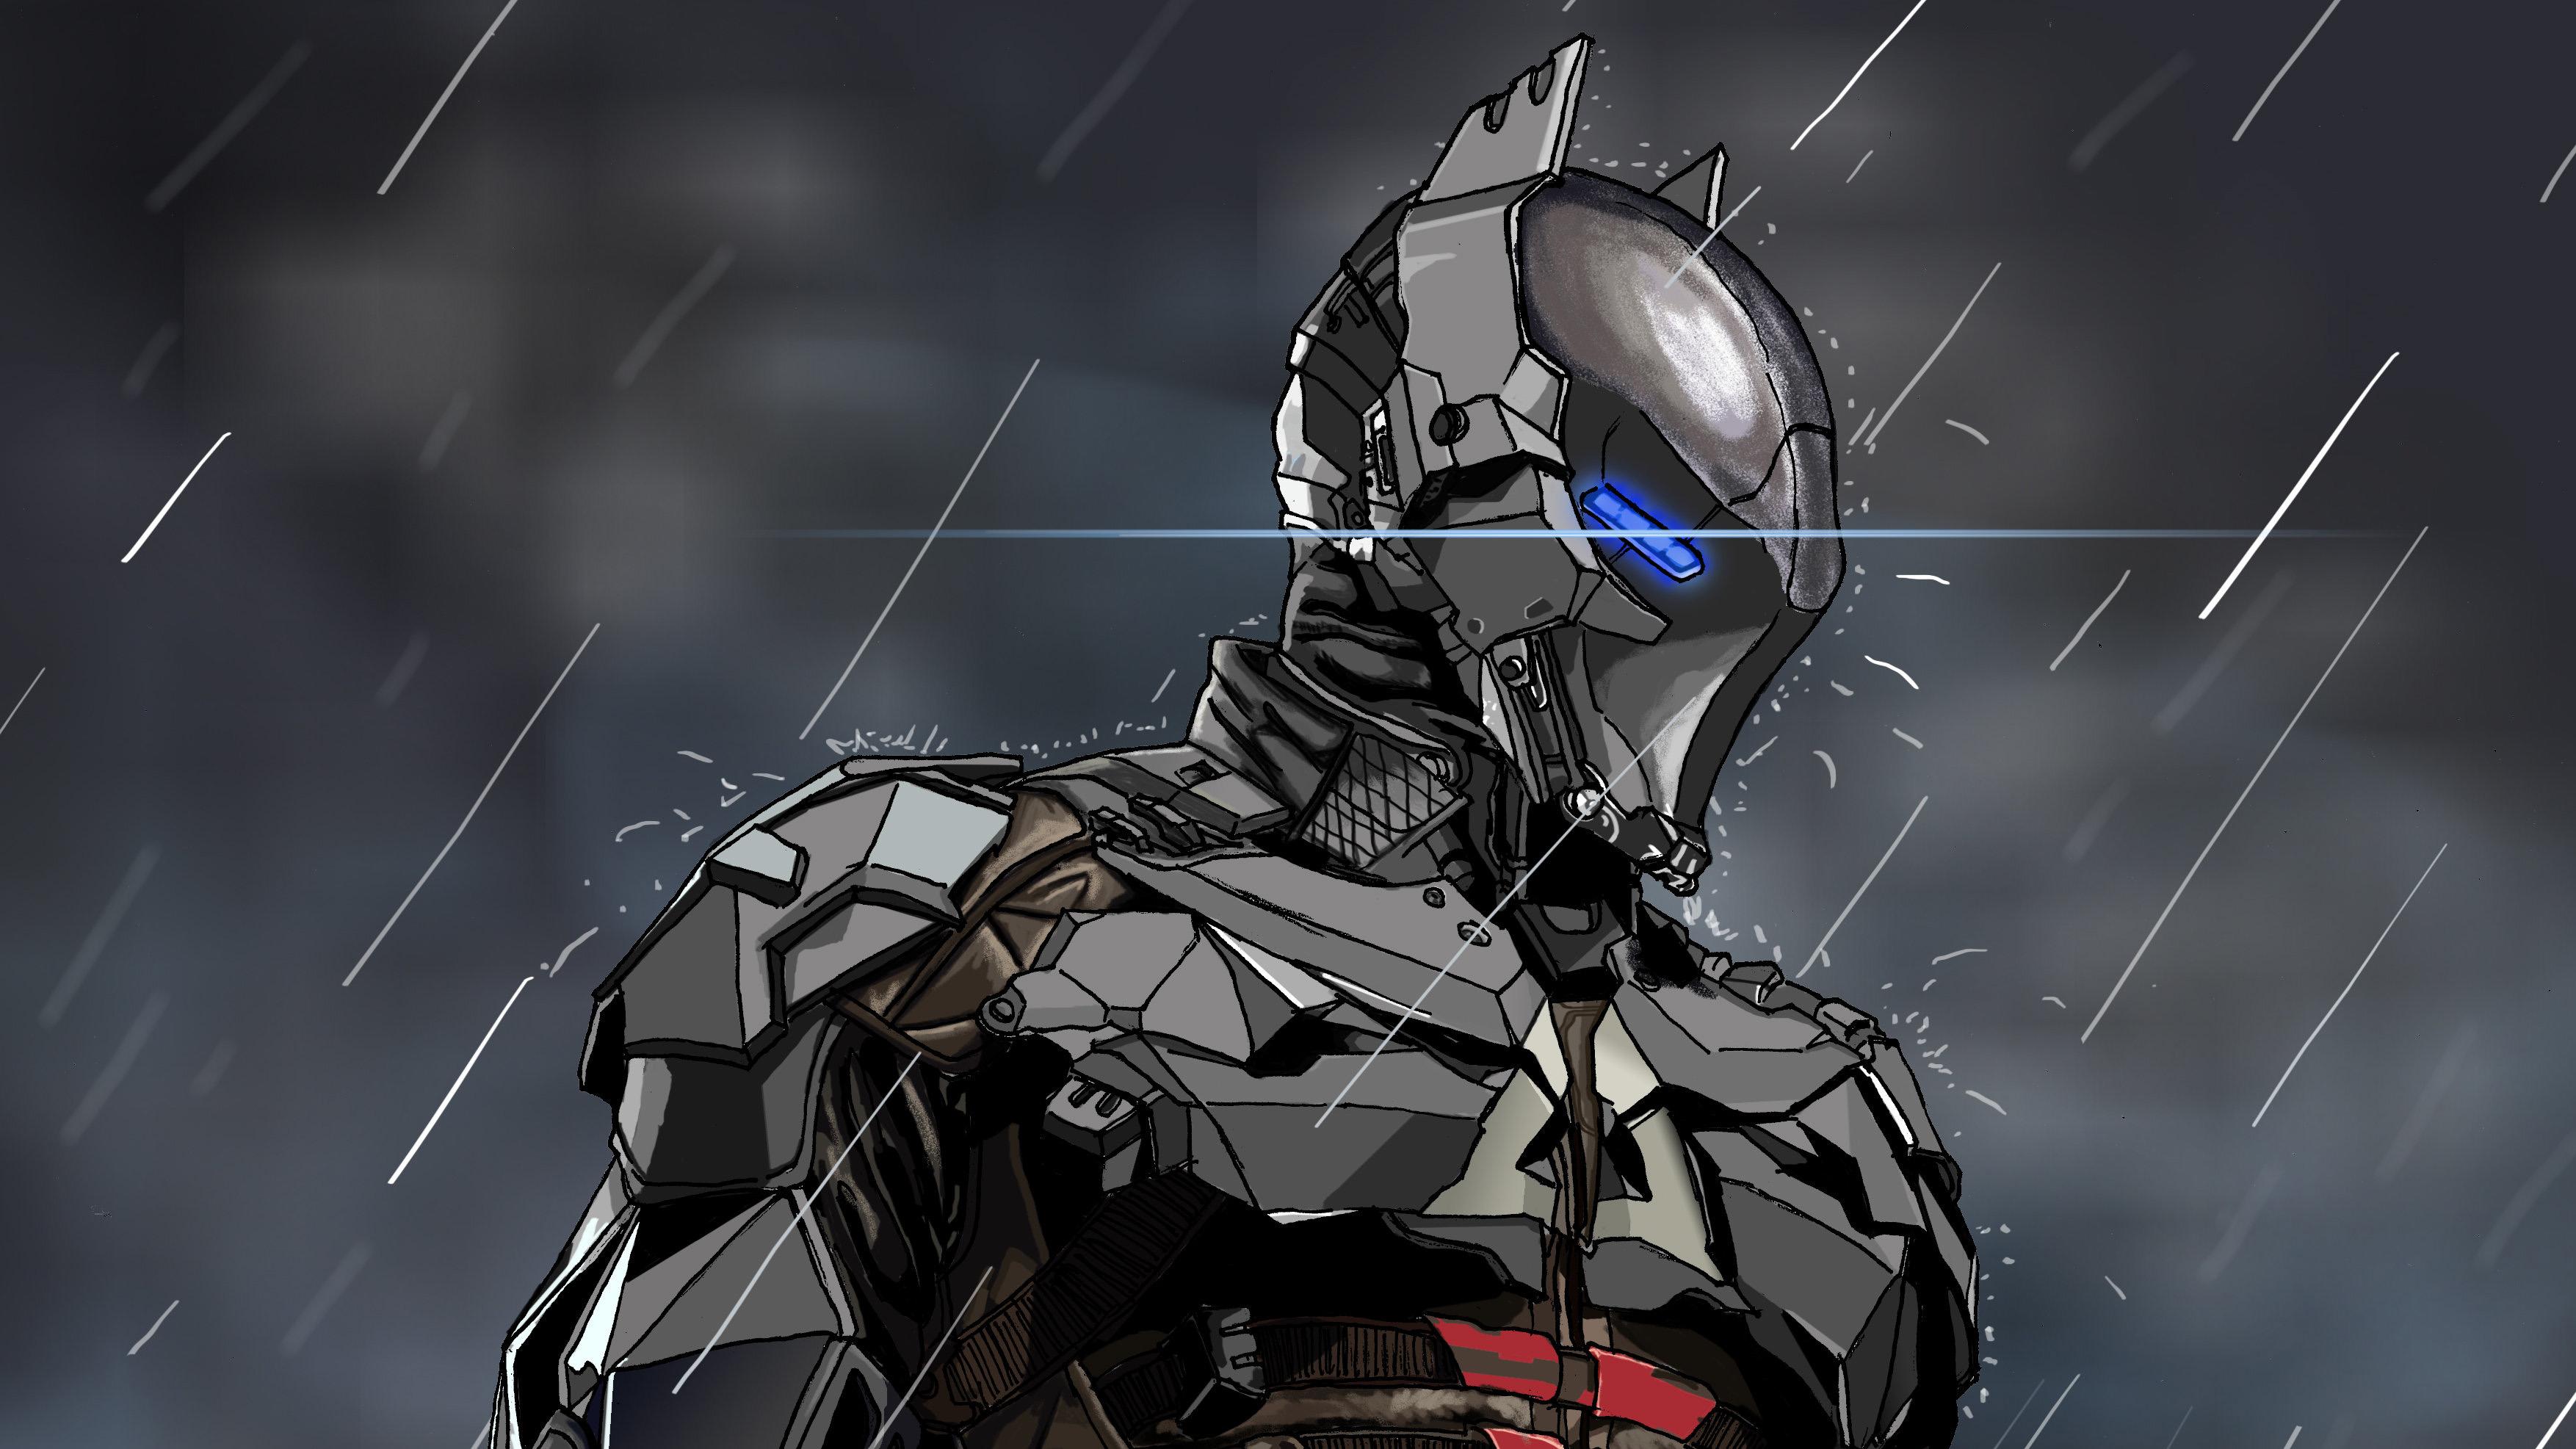 Batman Arkham Knight Digital Art, HD Superheroes, 4k ...